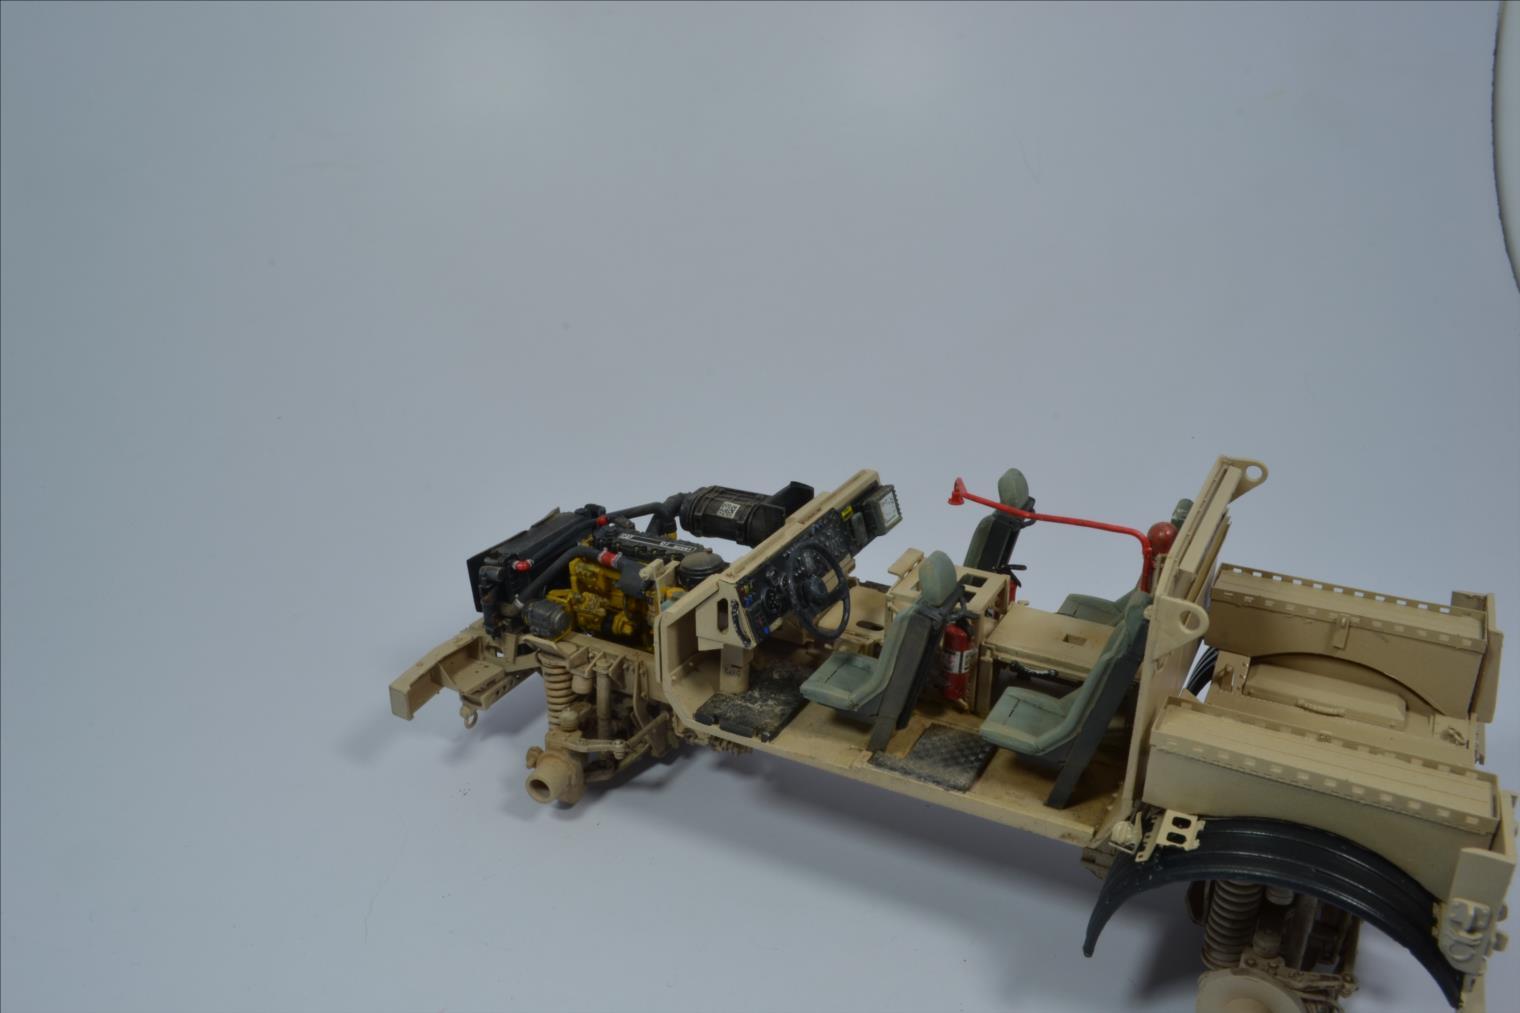 M 1240 A1 M-ATV 1/35 (RFM) - Page 2 20101407564622494217082155